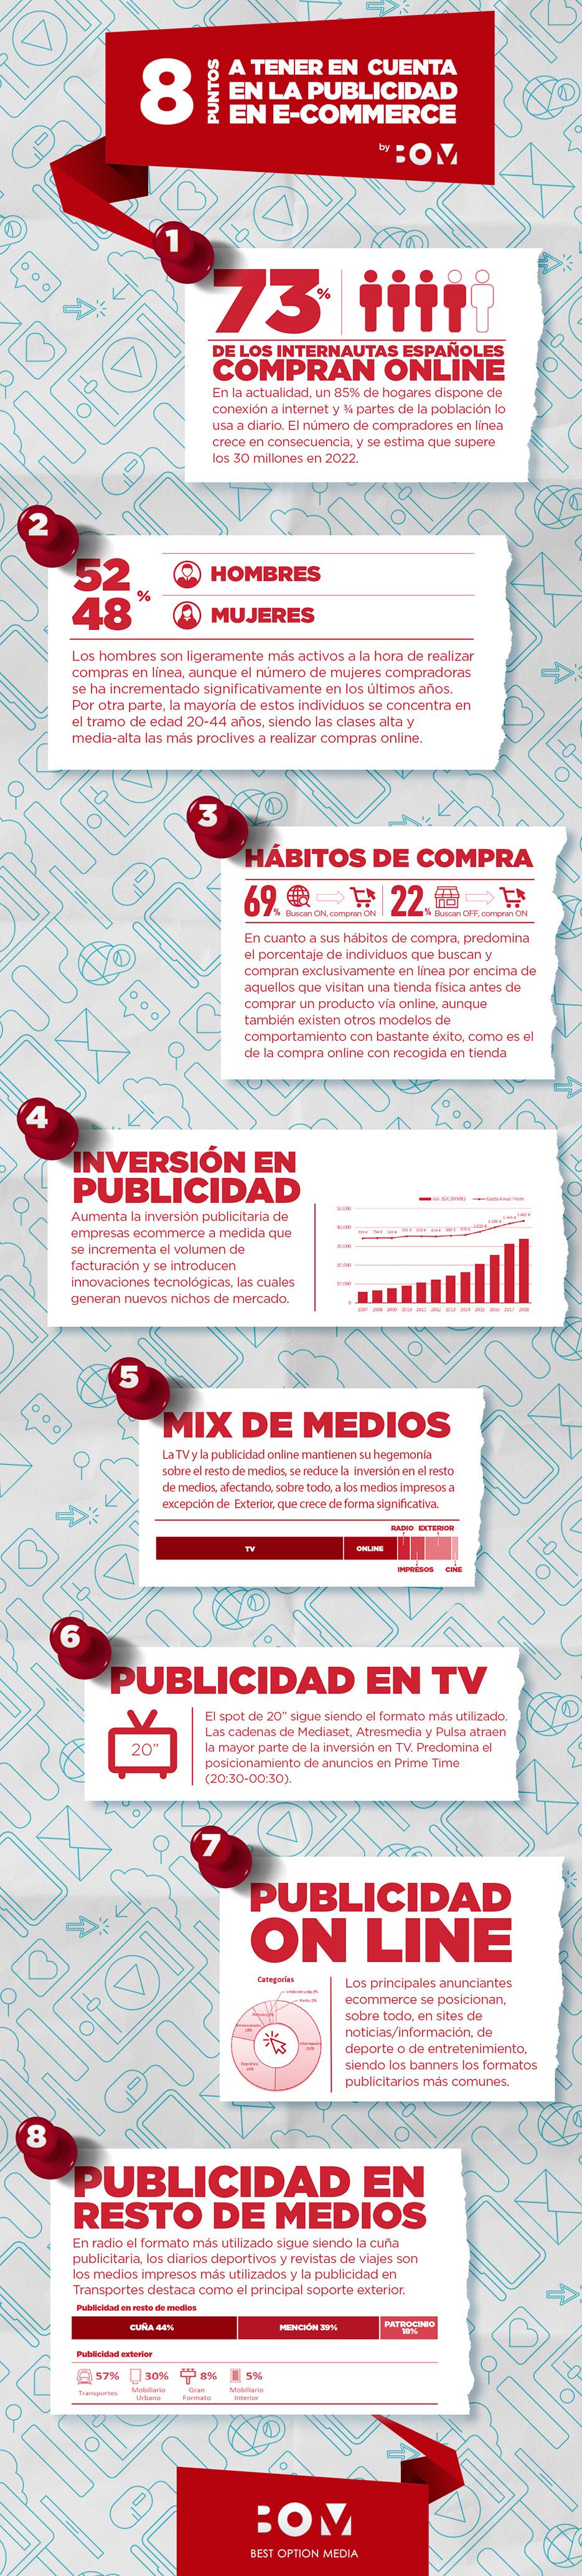 INFOGRAFIA-La publicidad Ecommerce (1)